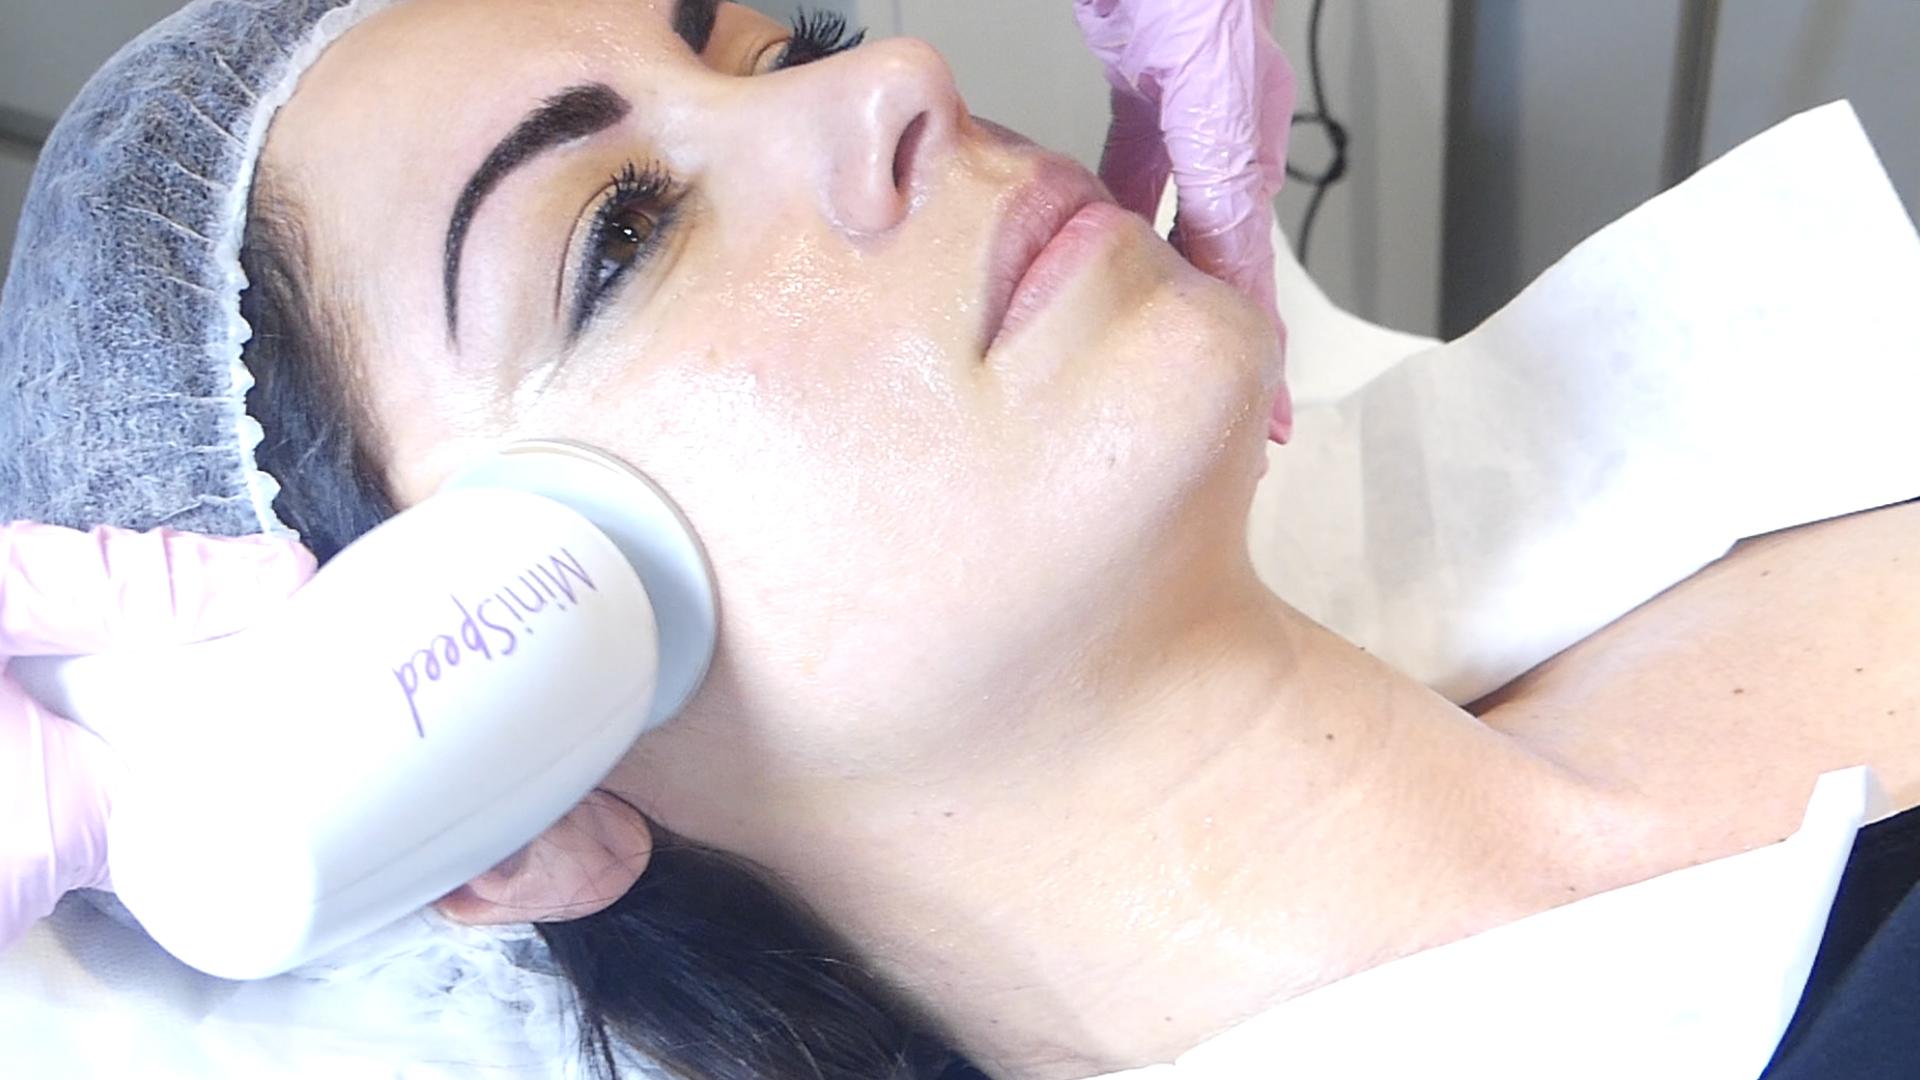 Accent Prime est la plateforme la plus avancée d'Alma laser concernant l'aspect de la peau, le raffermissant et le remodelage esthétique. C'est une combinaison brevetée d'une technologie d'ondes ultra sonore avec de la radiofréquence qui distribue une énergie concentrée.